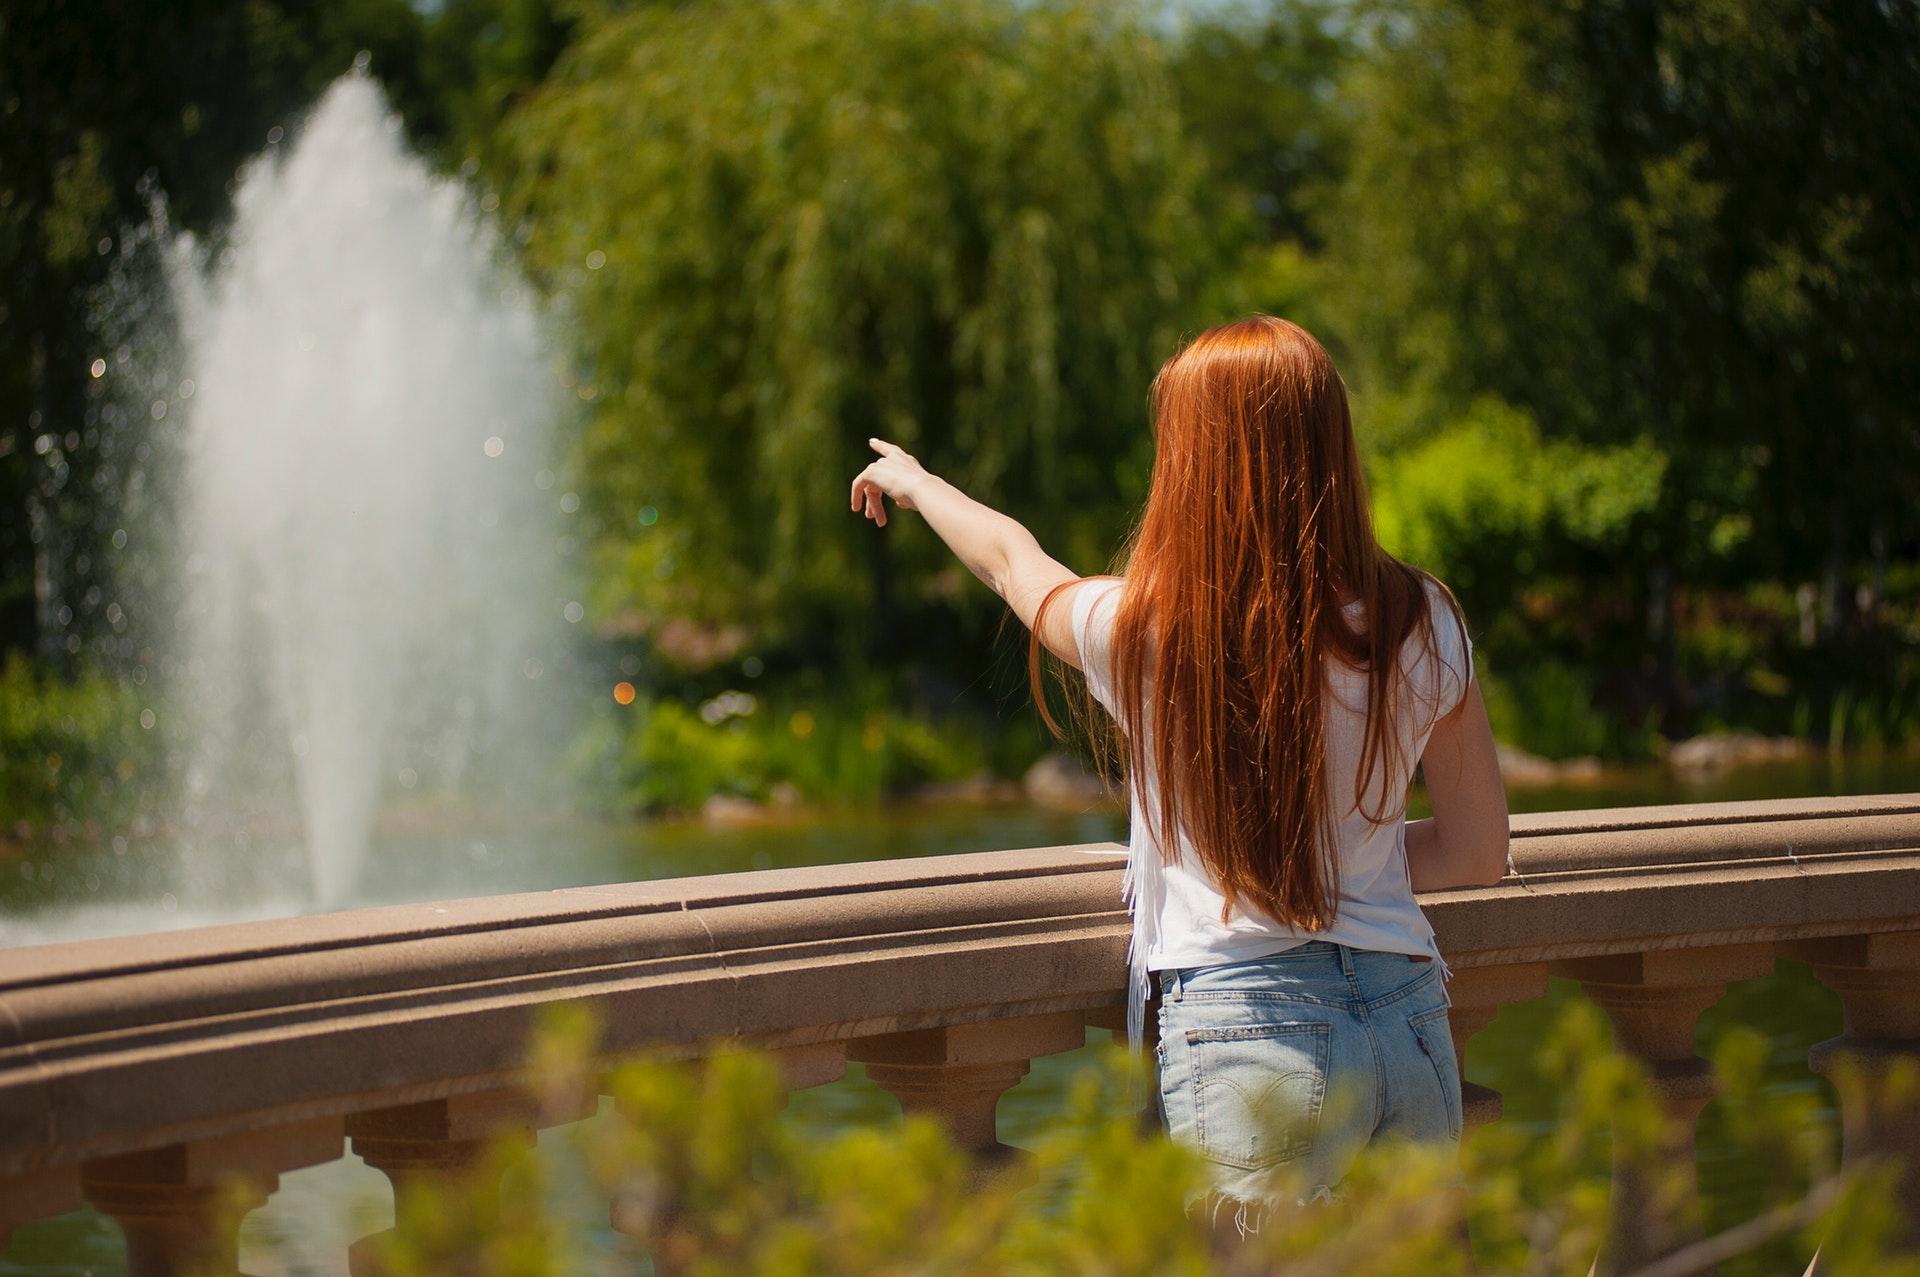 噴水を指さす女性